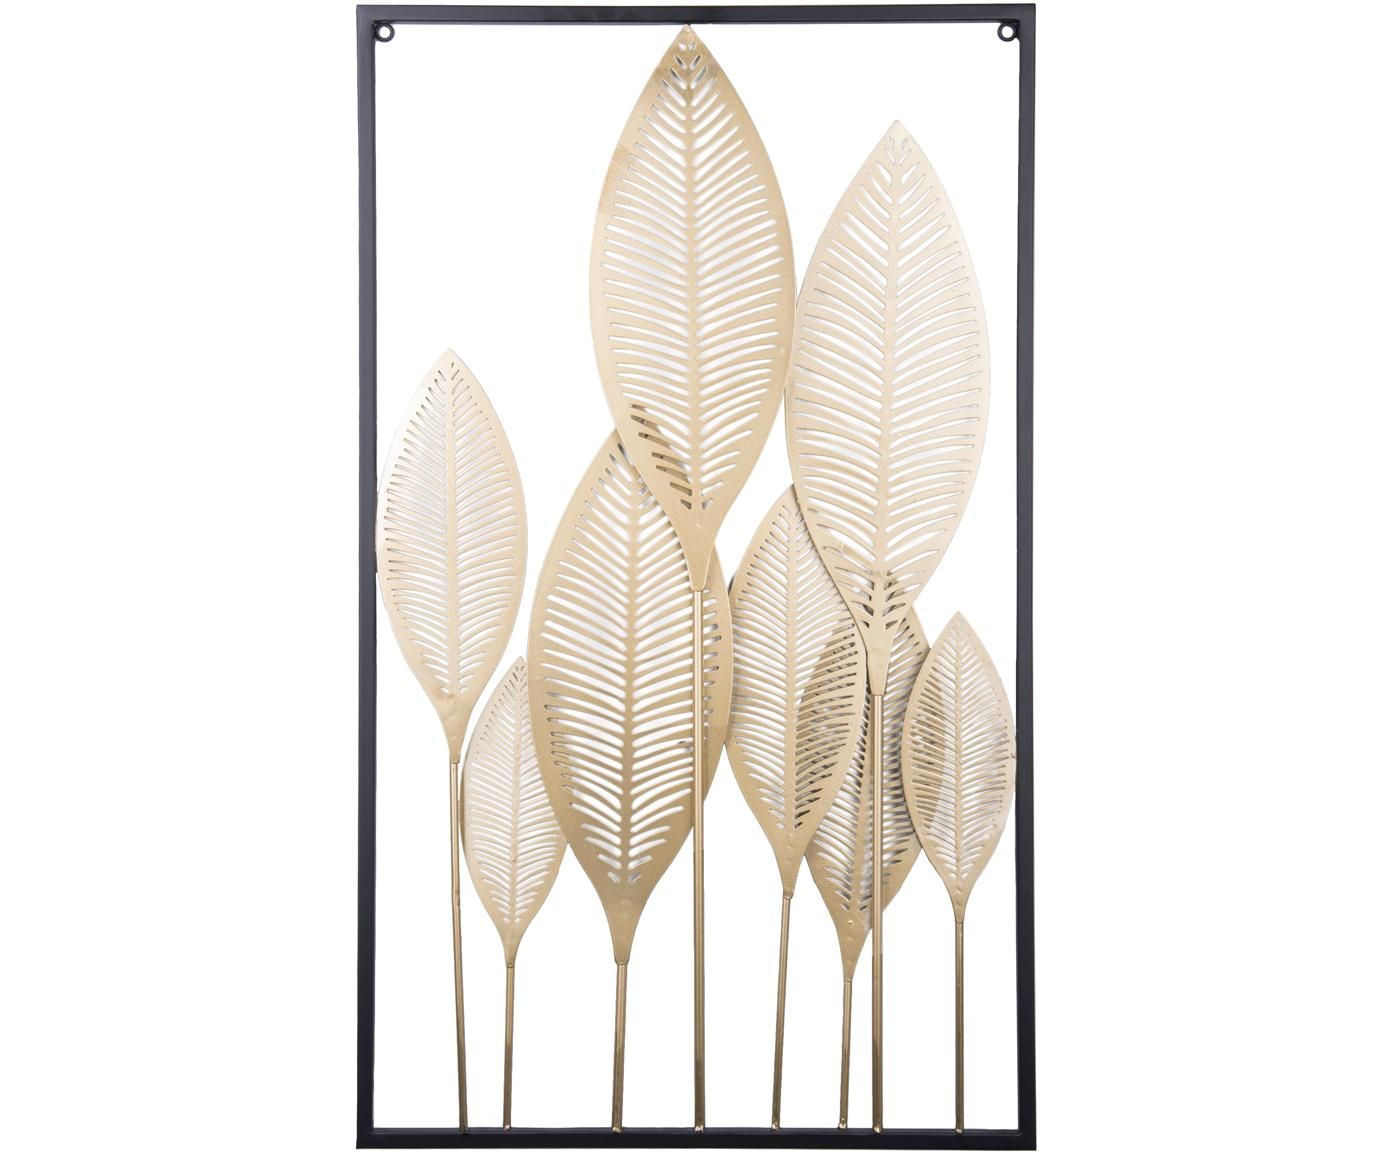 Wandobjekt Art Leaves, Metall, beschichtet, Goldfarben, Schwarz, 44 x 80 cm